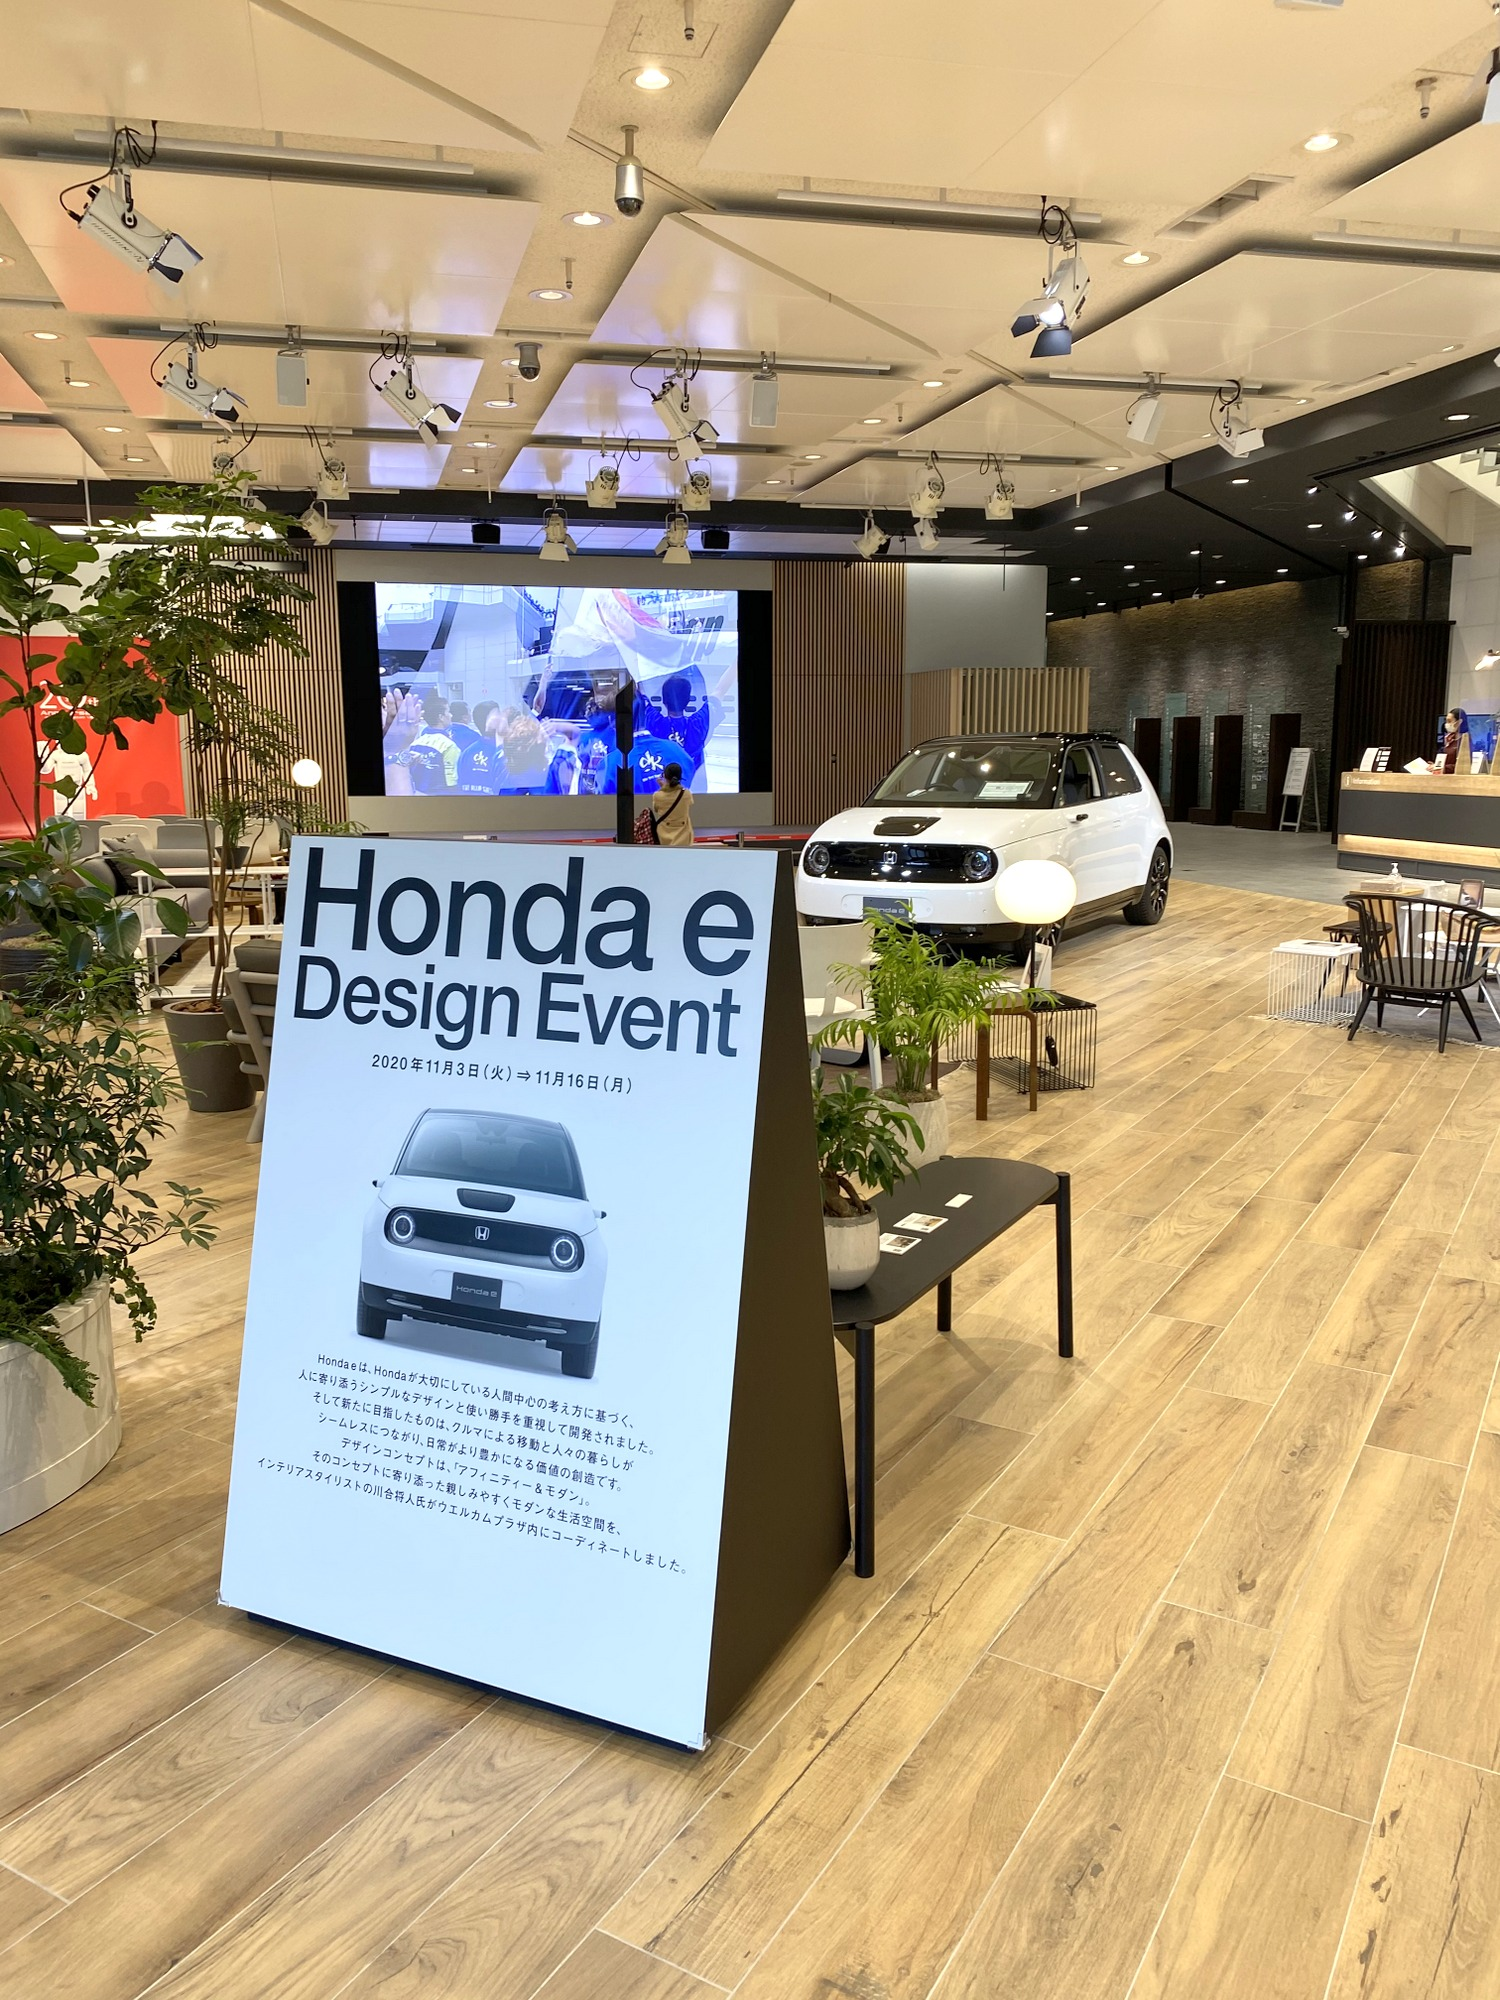 自動車の内装がリビングルームに近づいた!?「HONDA e」デザインイベントの話